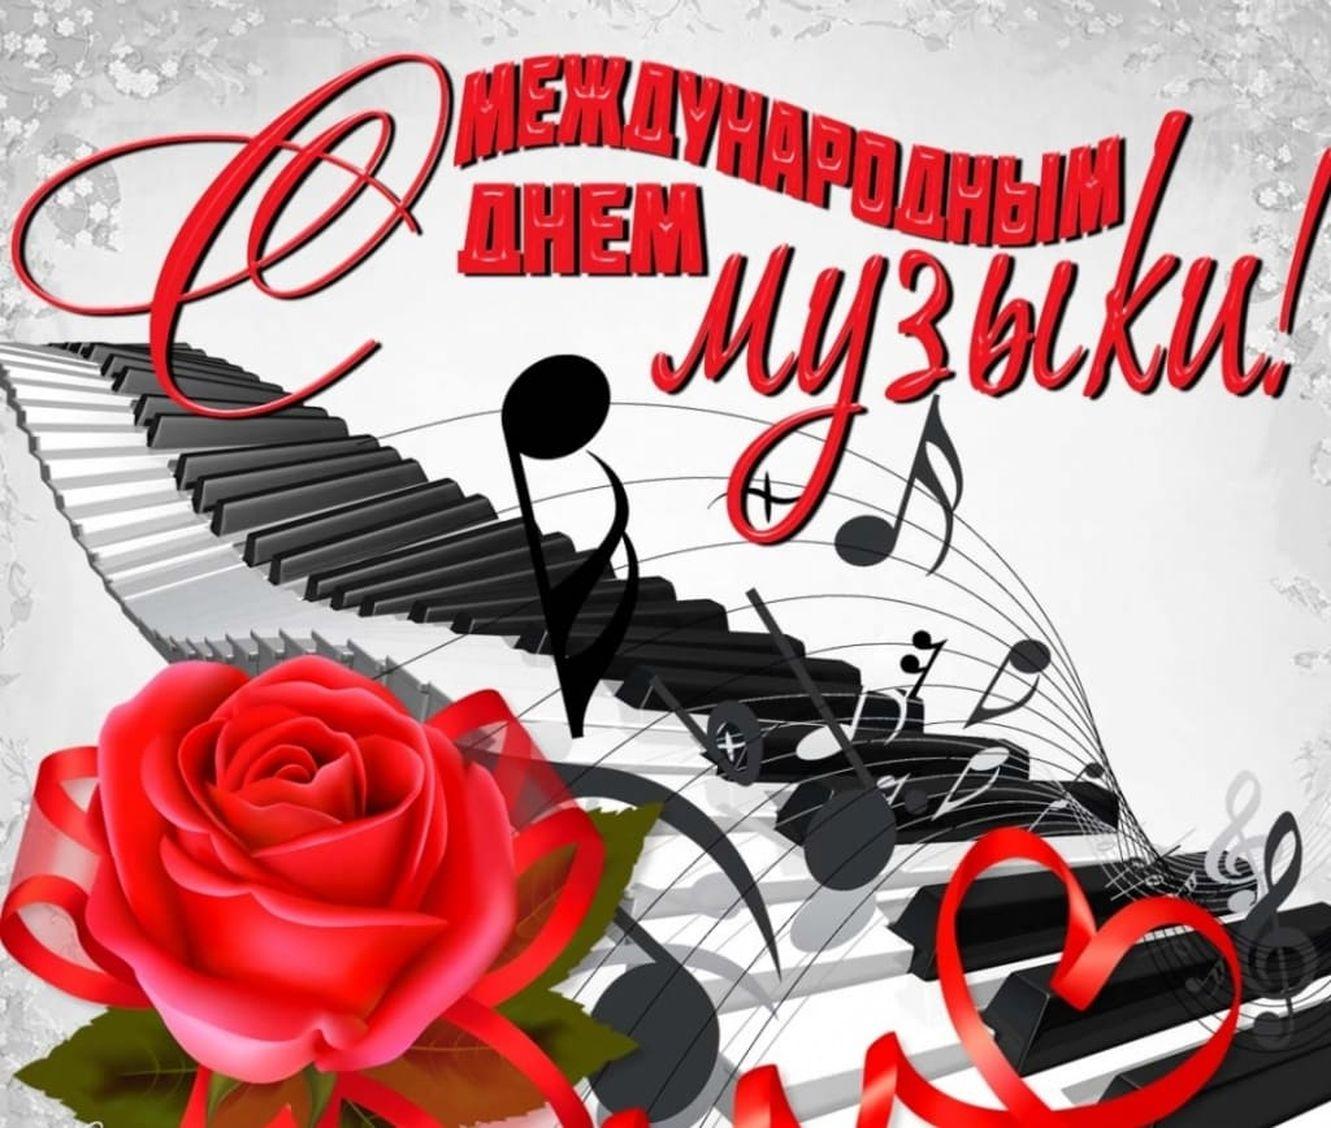 You are currently viewing 1 октября – Международный день музыки! Отмечается по решению ЮНЕСКО с 1975 года. С праздником вас, дорогие друзья!